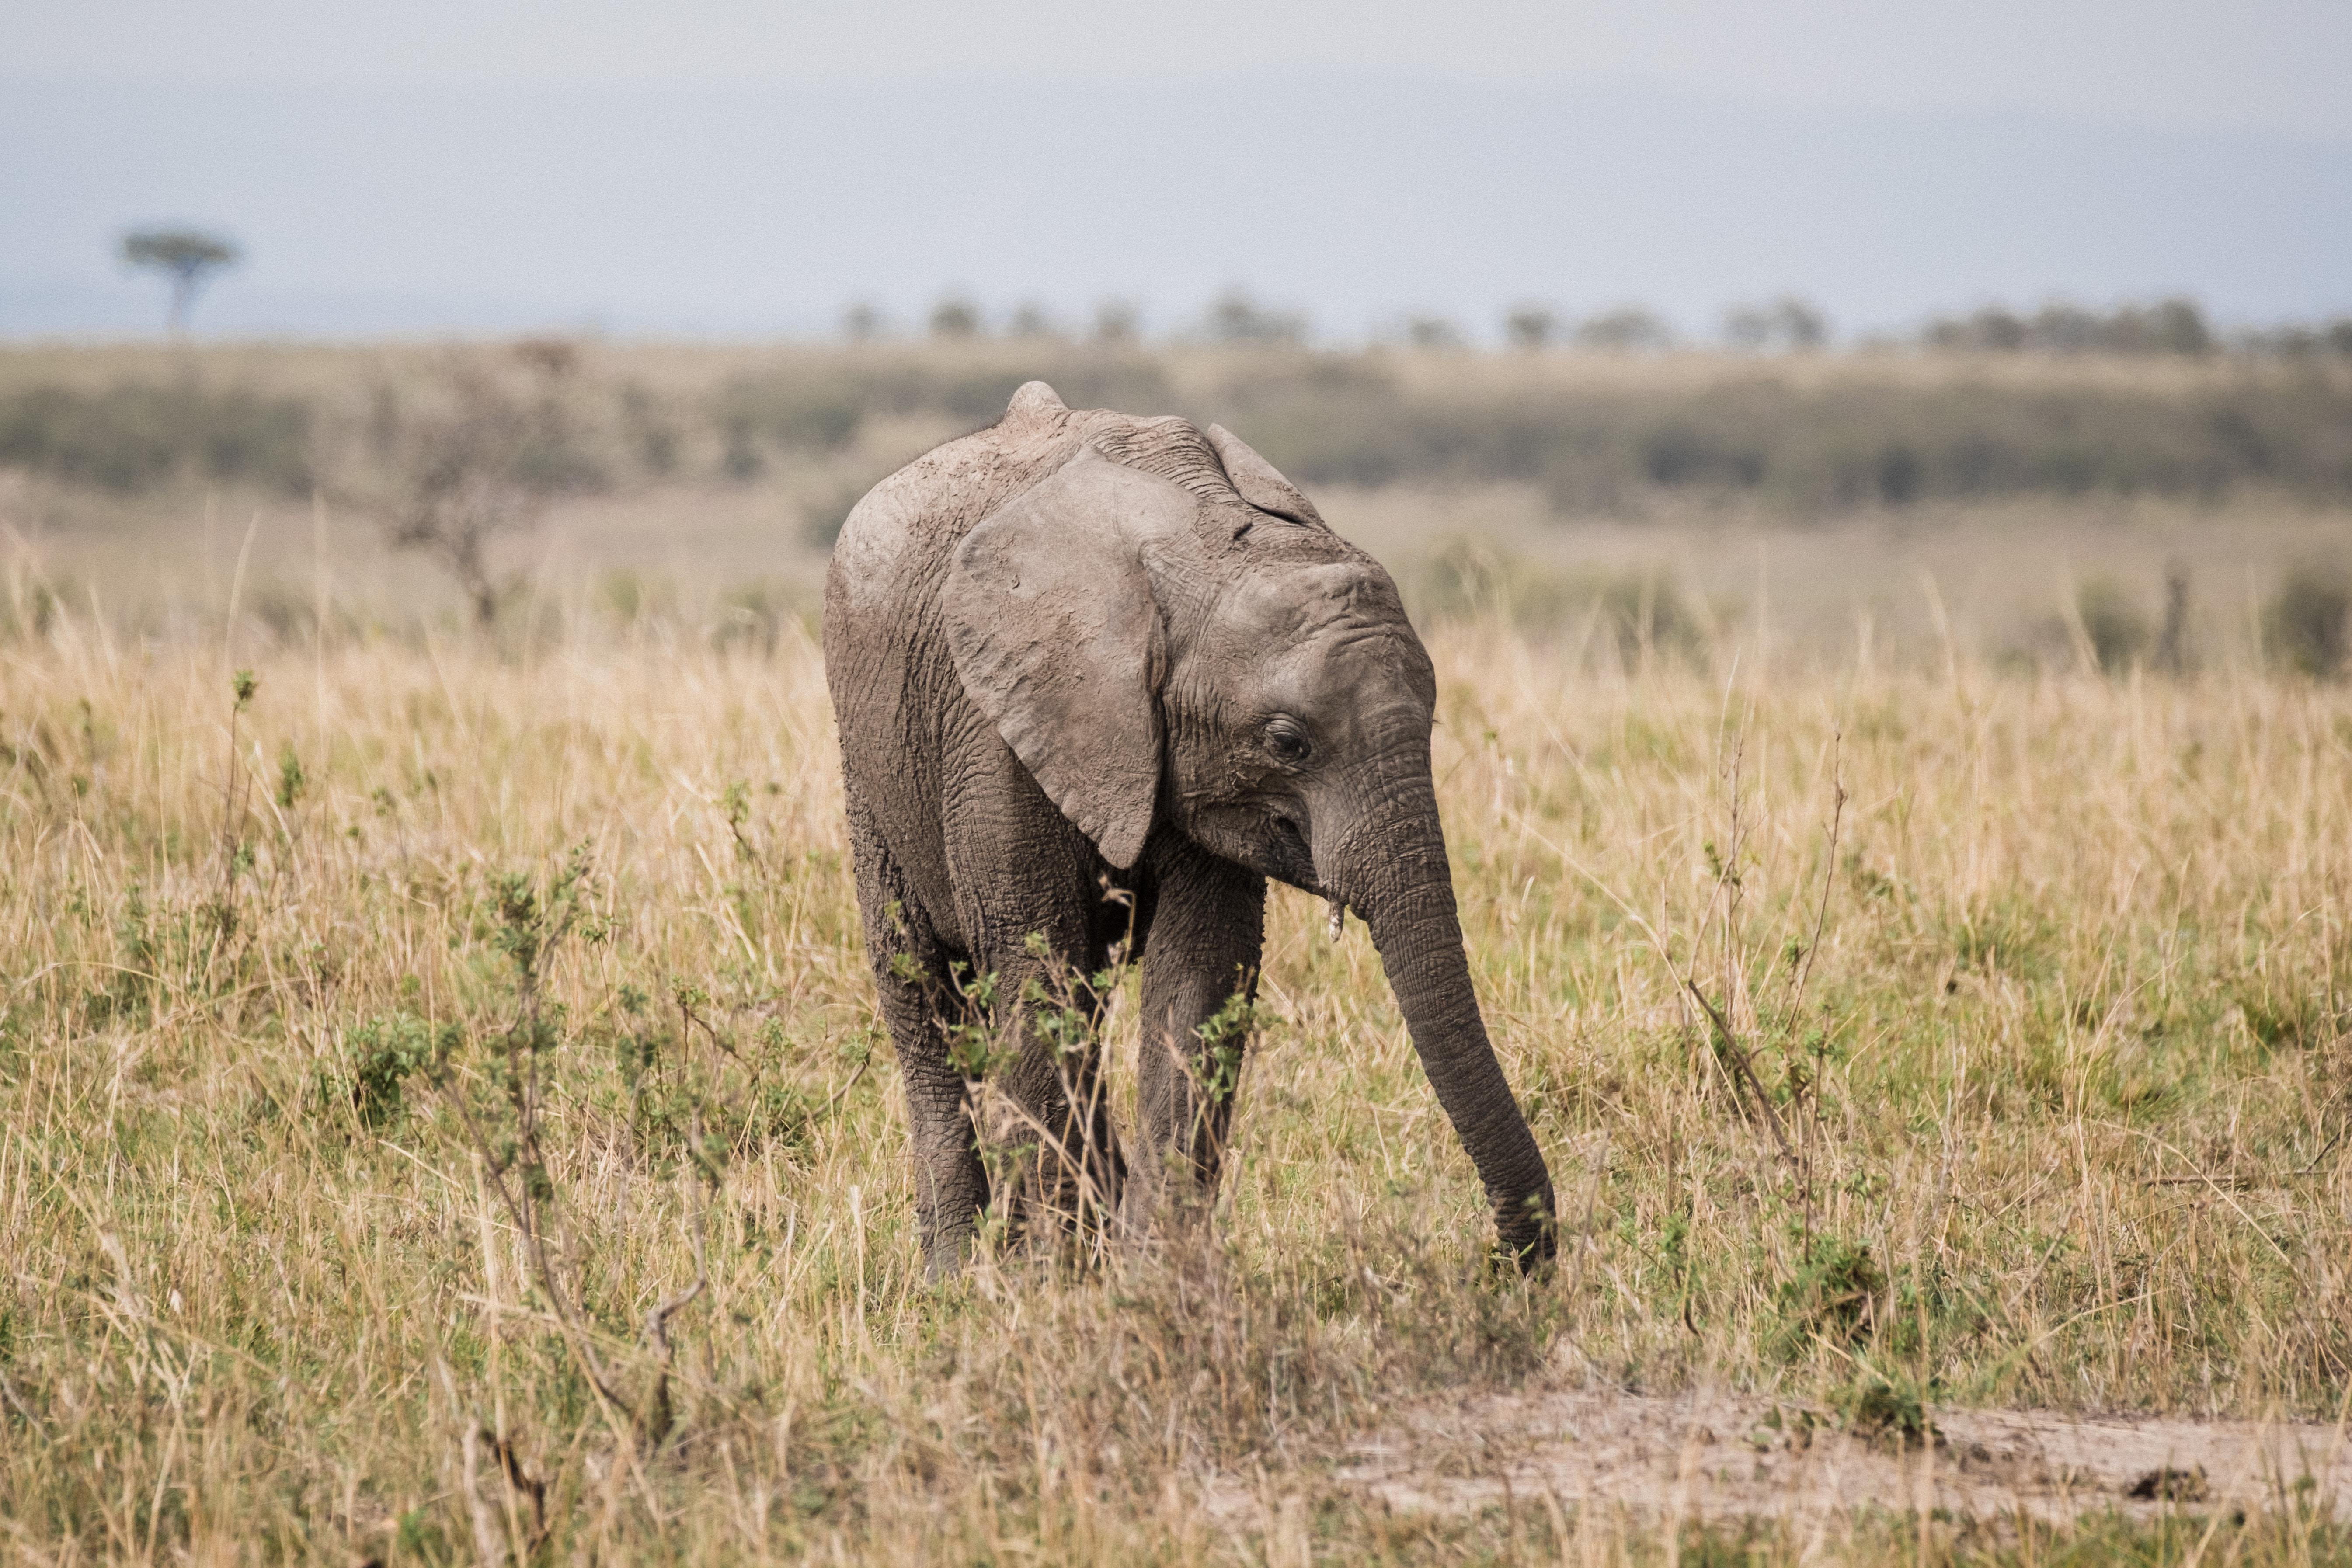 gray elephant walking on green grass field